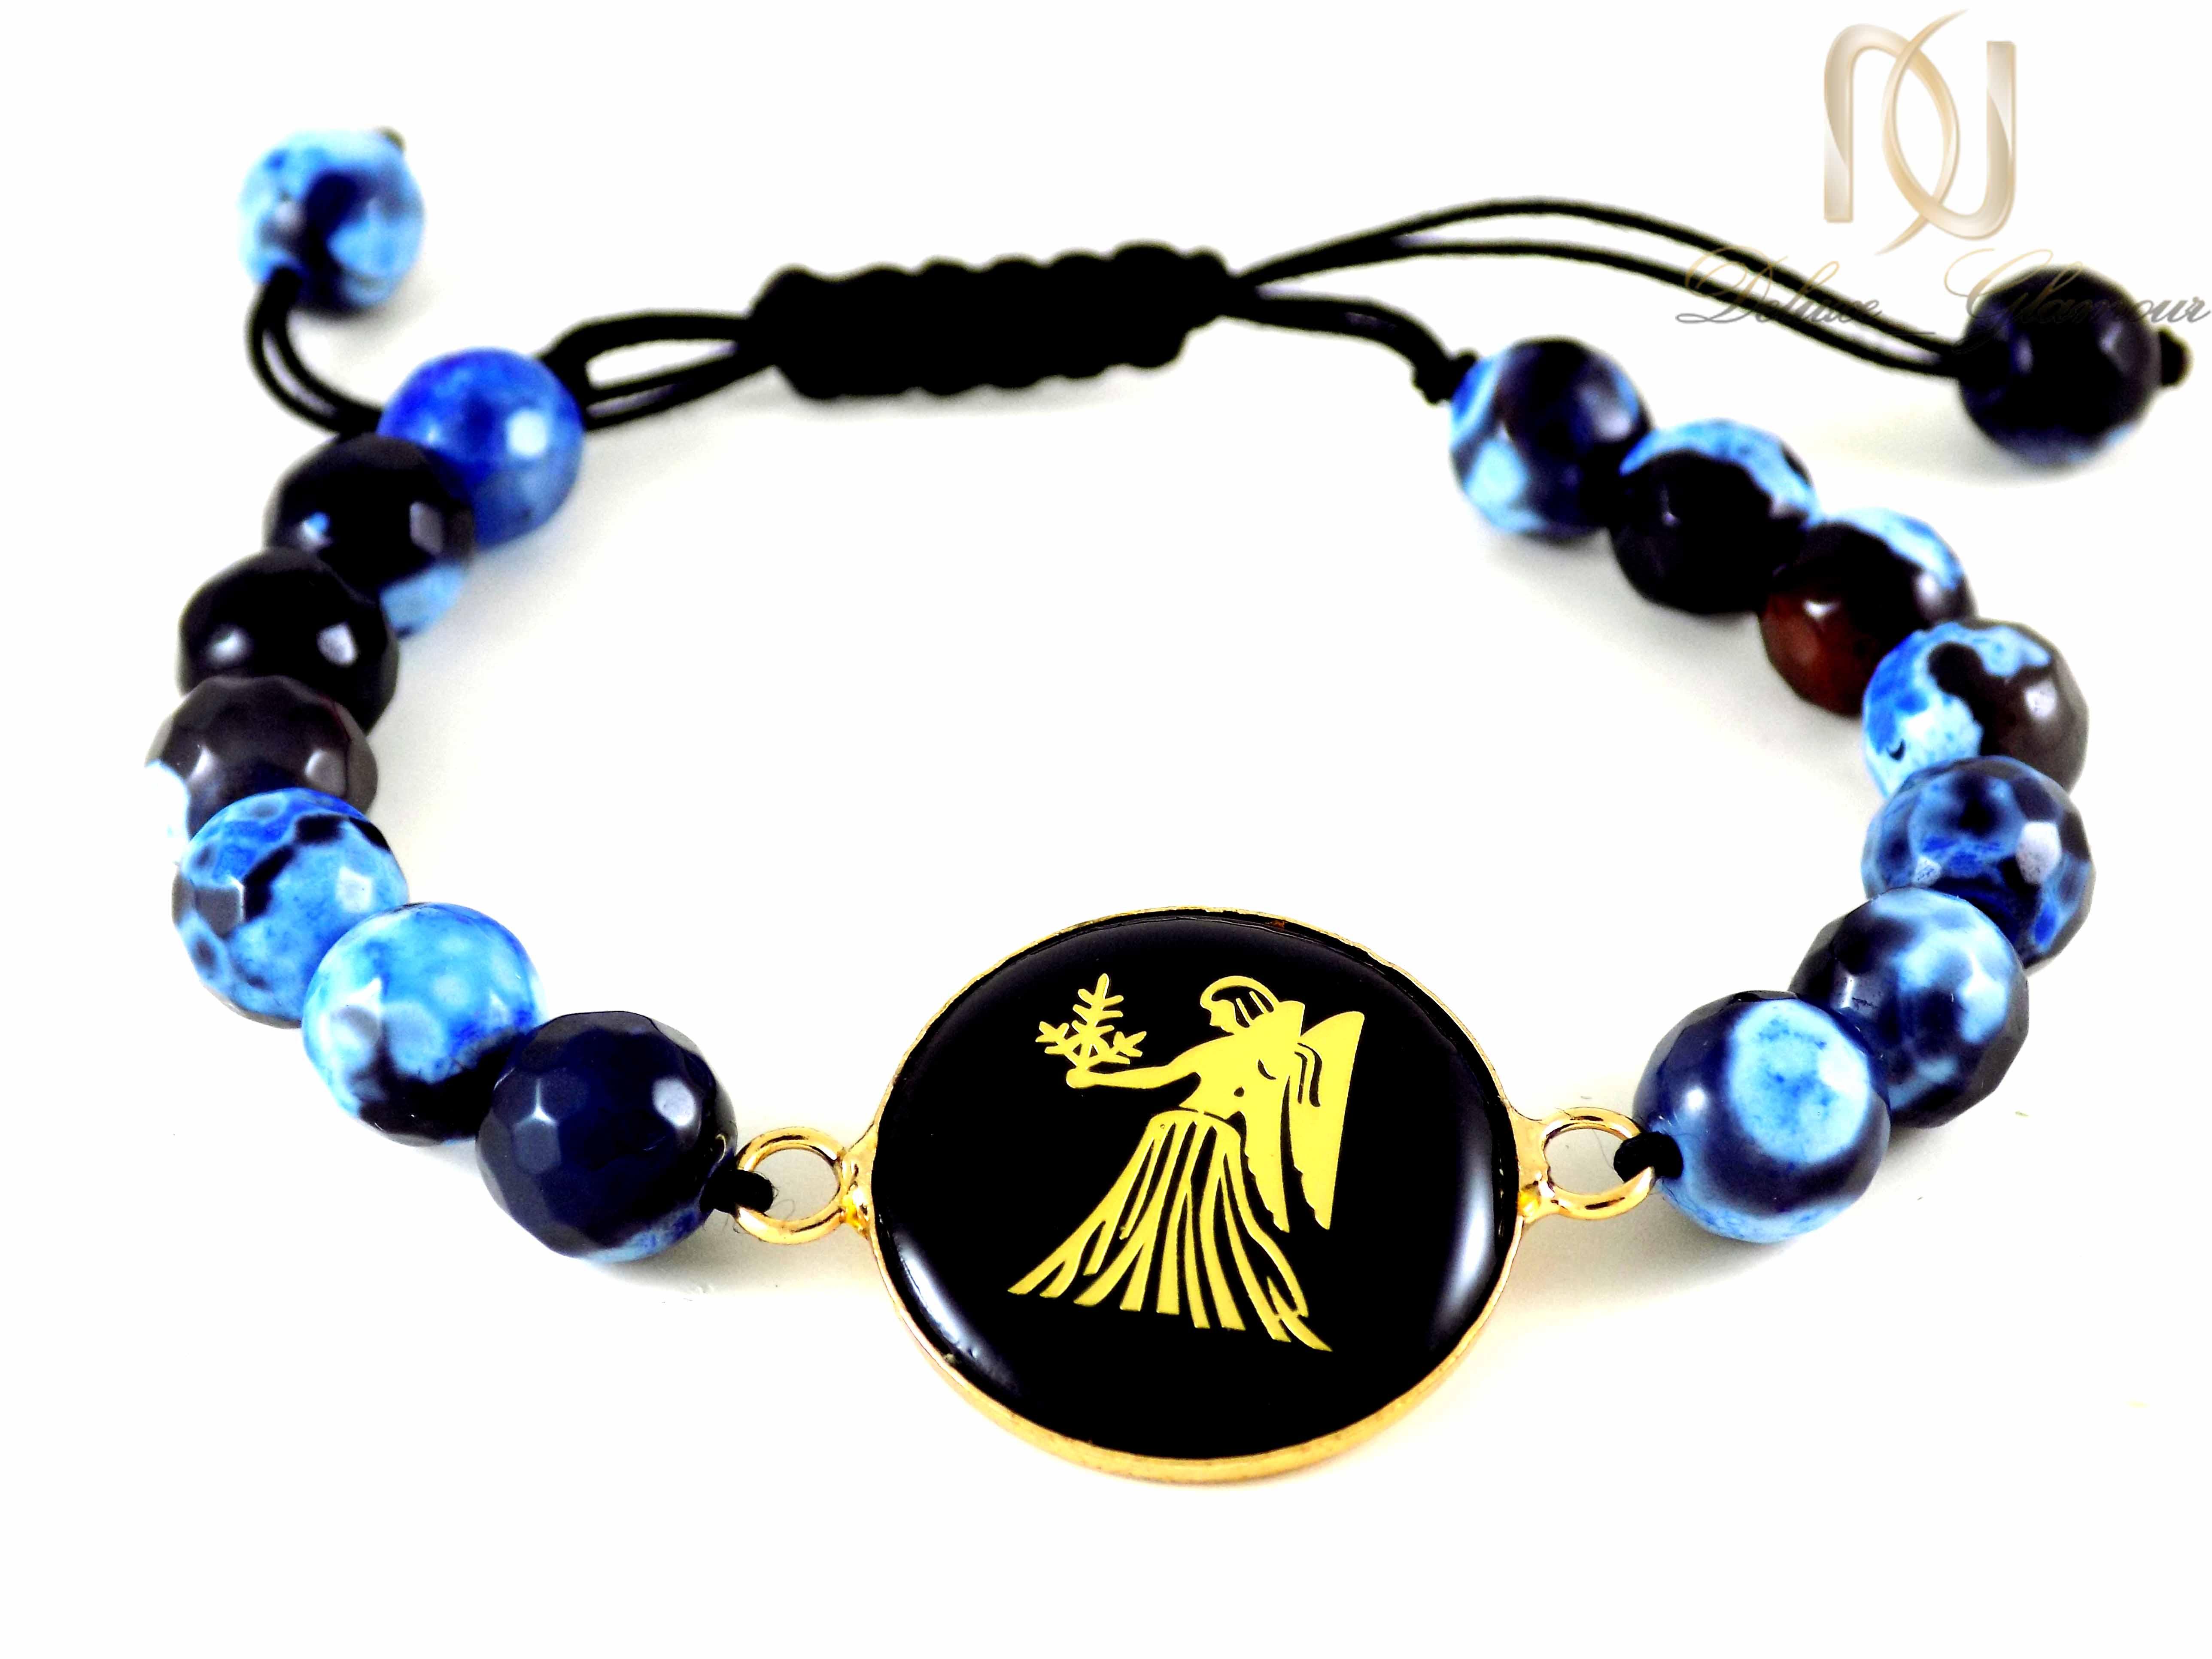 دستبند سنگ و نماد ماه تولد شهریور ds-n340 از نمای پایین